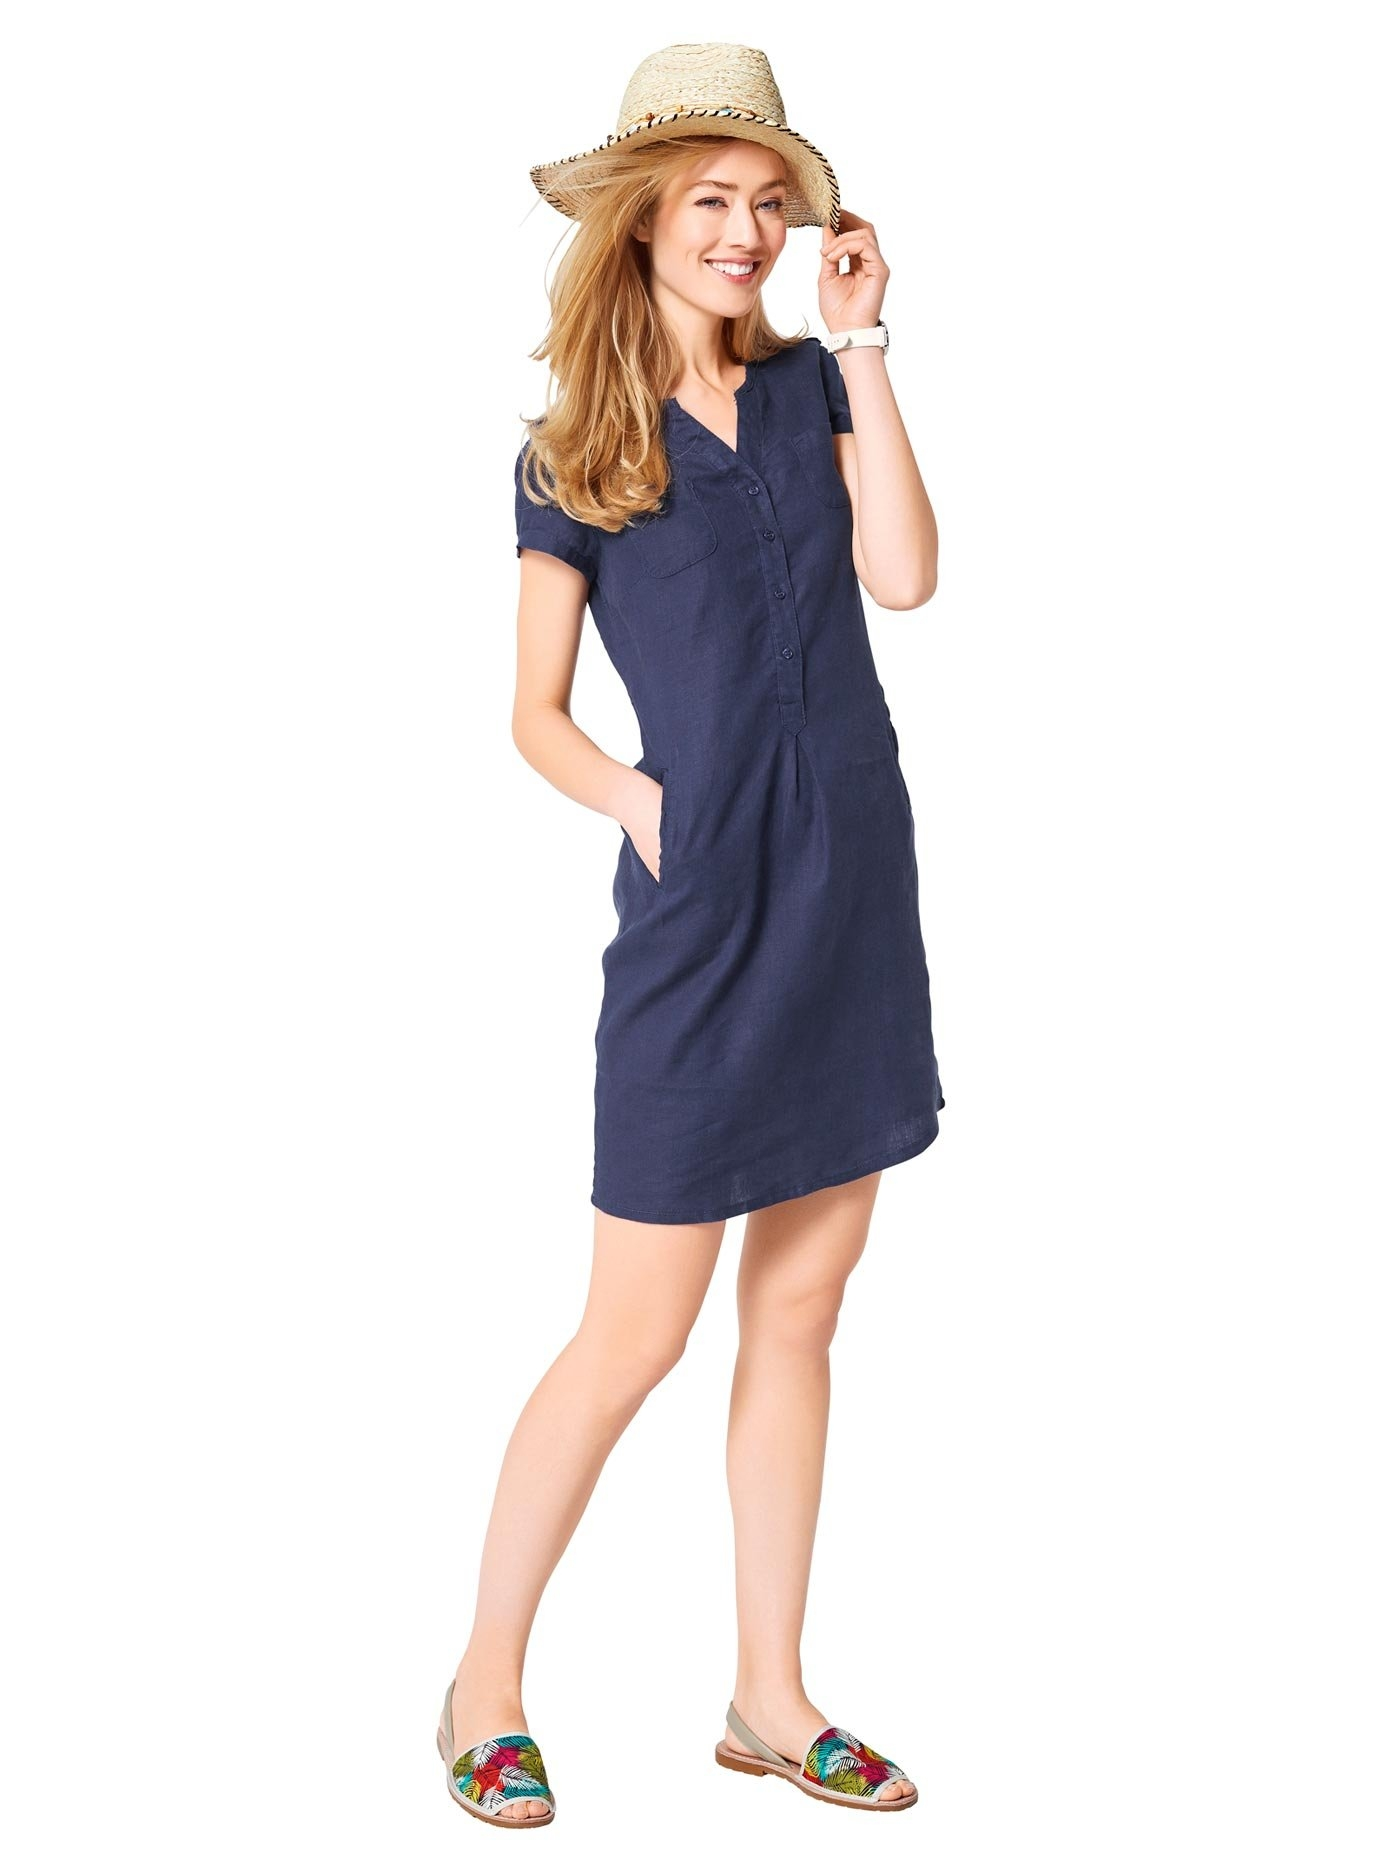 LINEA TESINI by Heine zomerjurk Linnen jurk goedkoop op otto.nl kopen